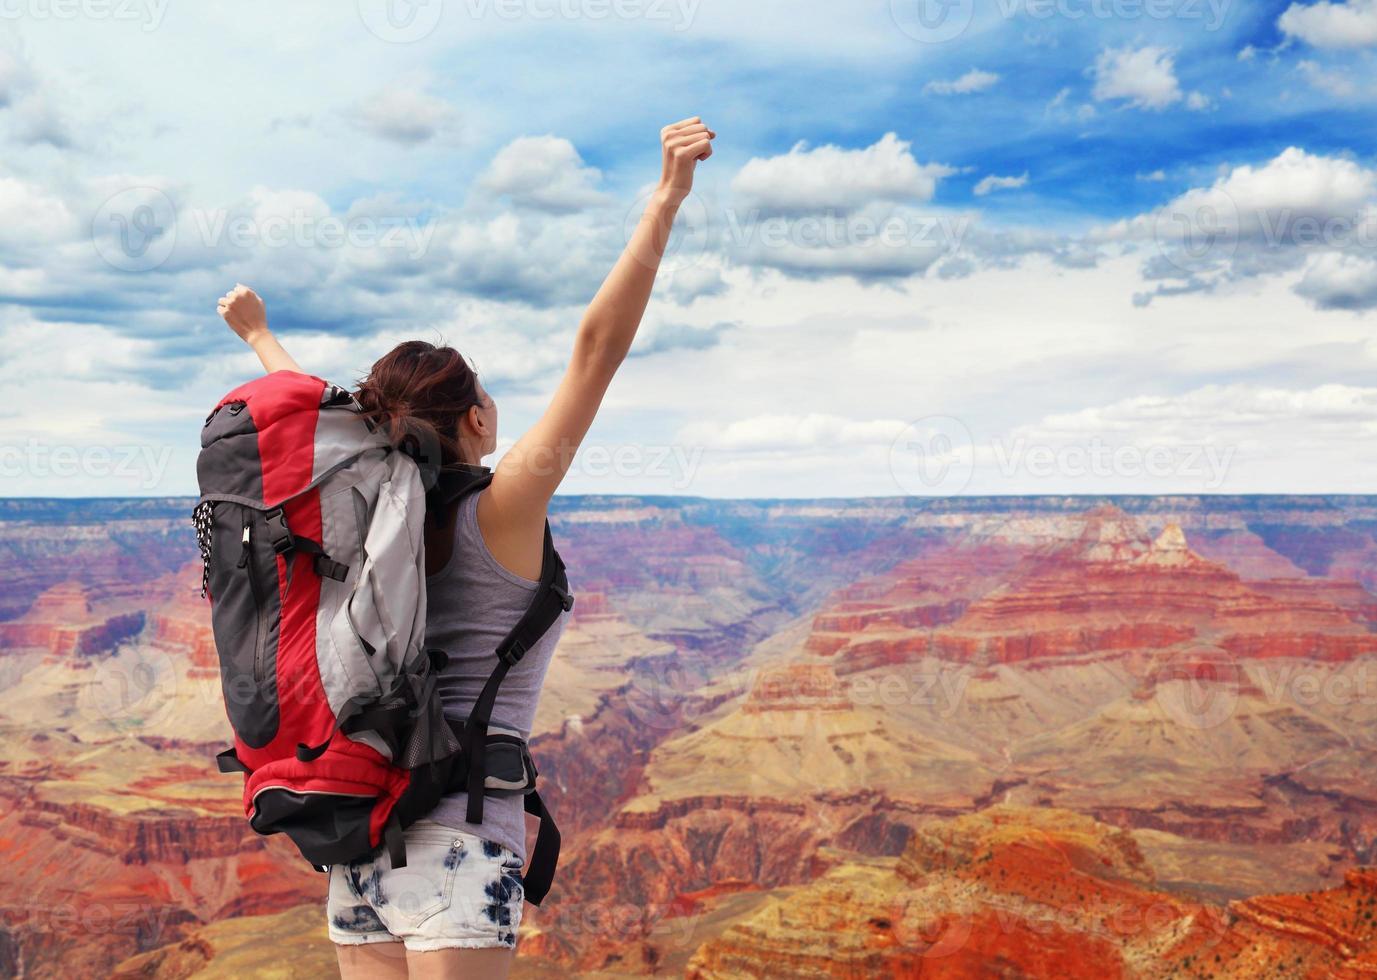 escursionista di montagna donna nel grand canyon foto